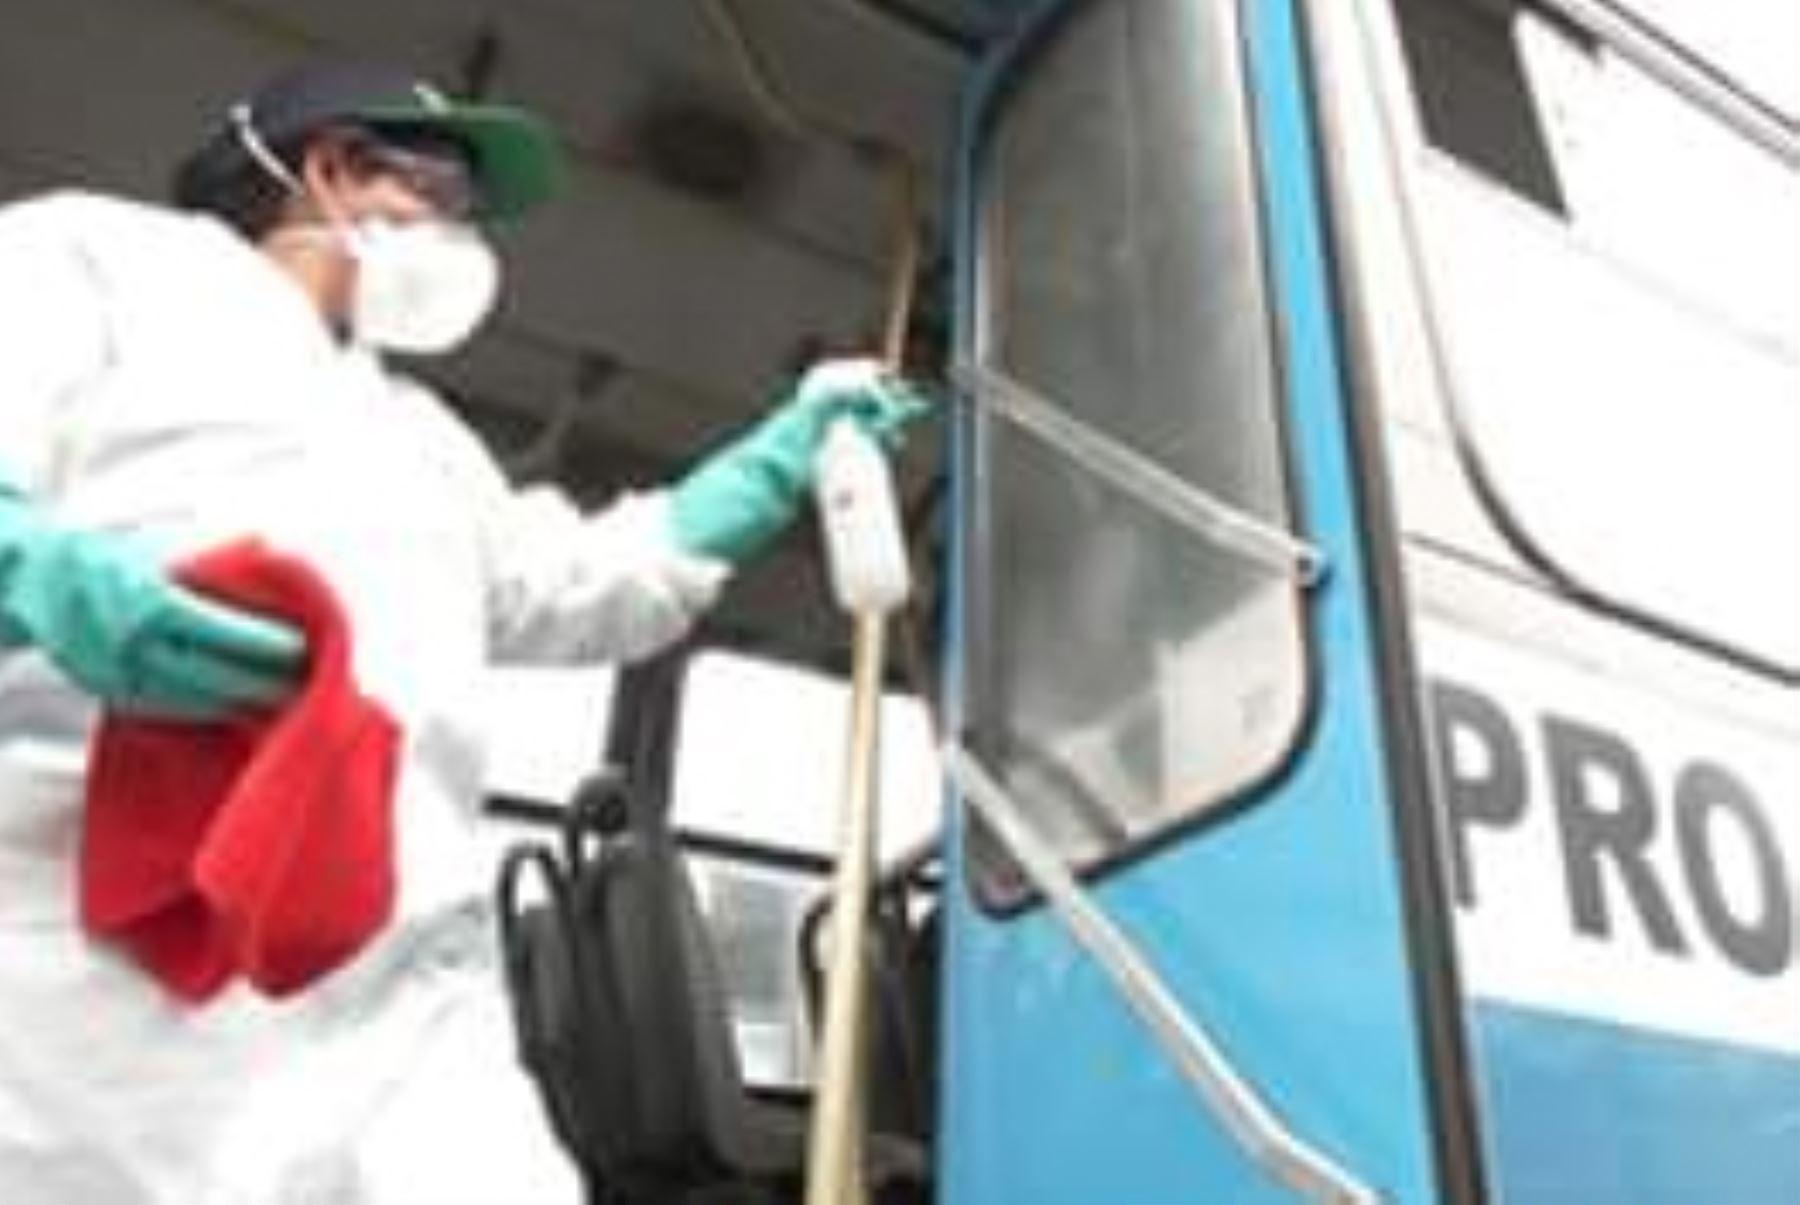 ATU implementó acciones para prevenir el Coranavirus19, en  el transporte  urbano de buses formales con  limpieza y desinfección siguiendo el protocolo aprobado por Digesa.Foto: ANDINA/ATU